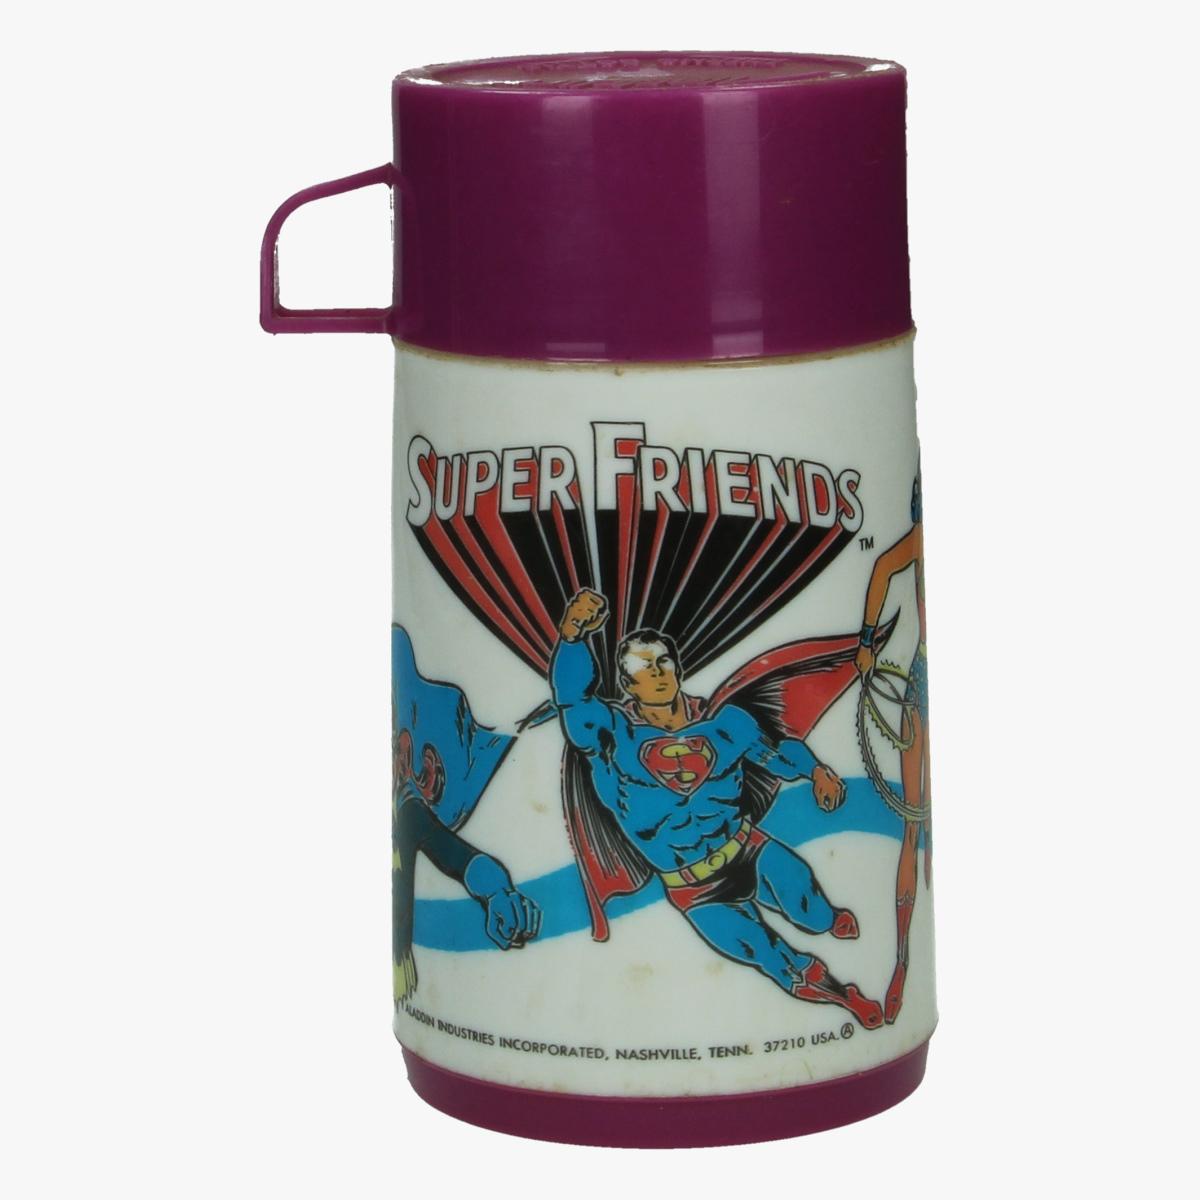 Afbeeldingen van thermos super friends 1976